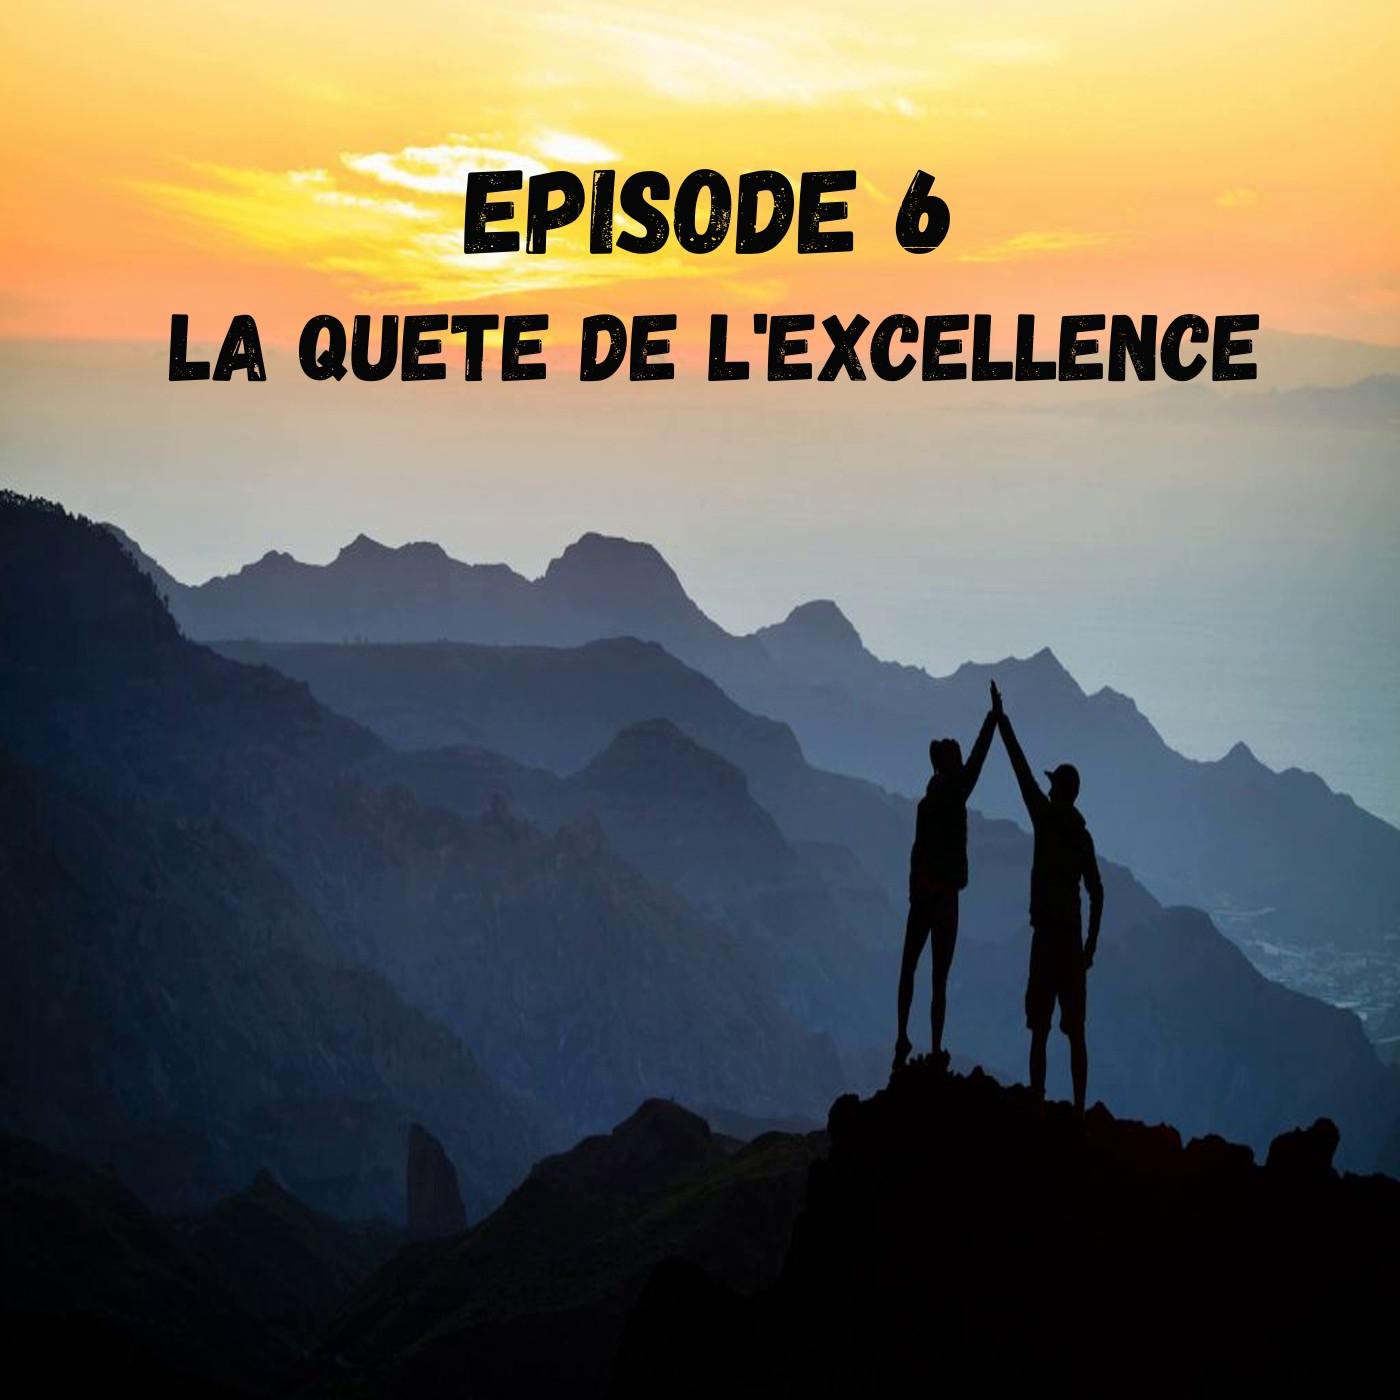 EPISODE 6 La quête de l'excellence